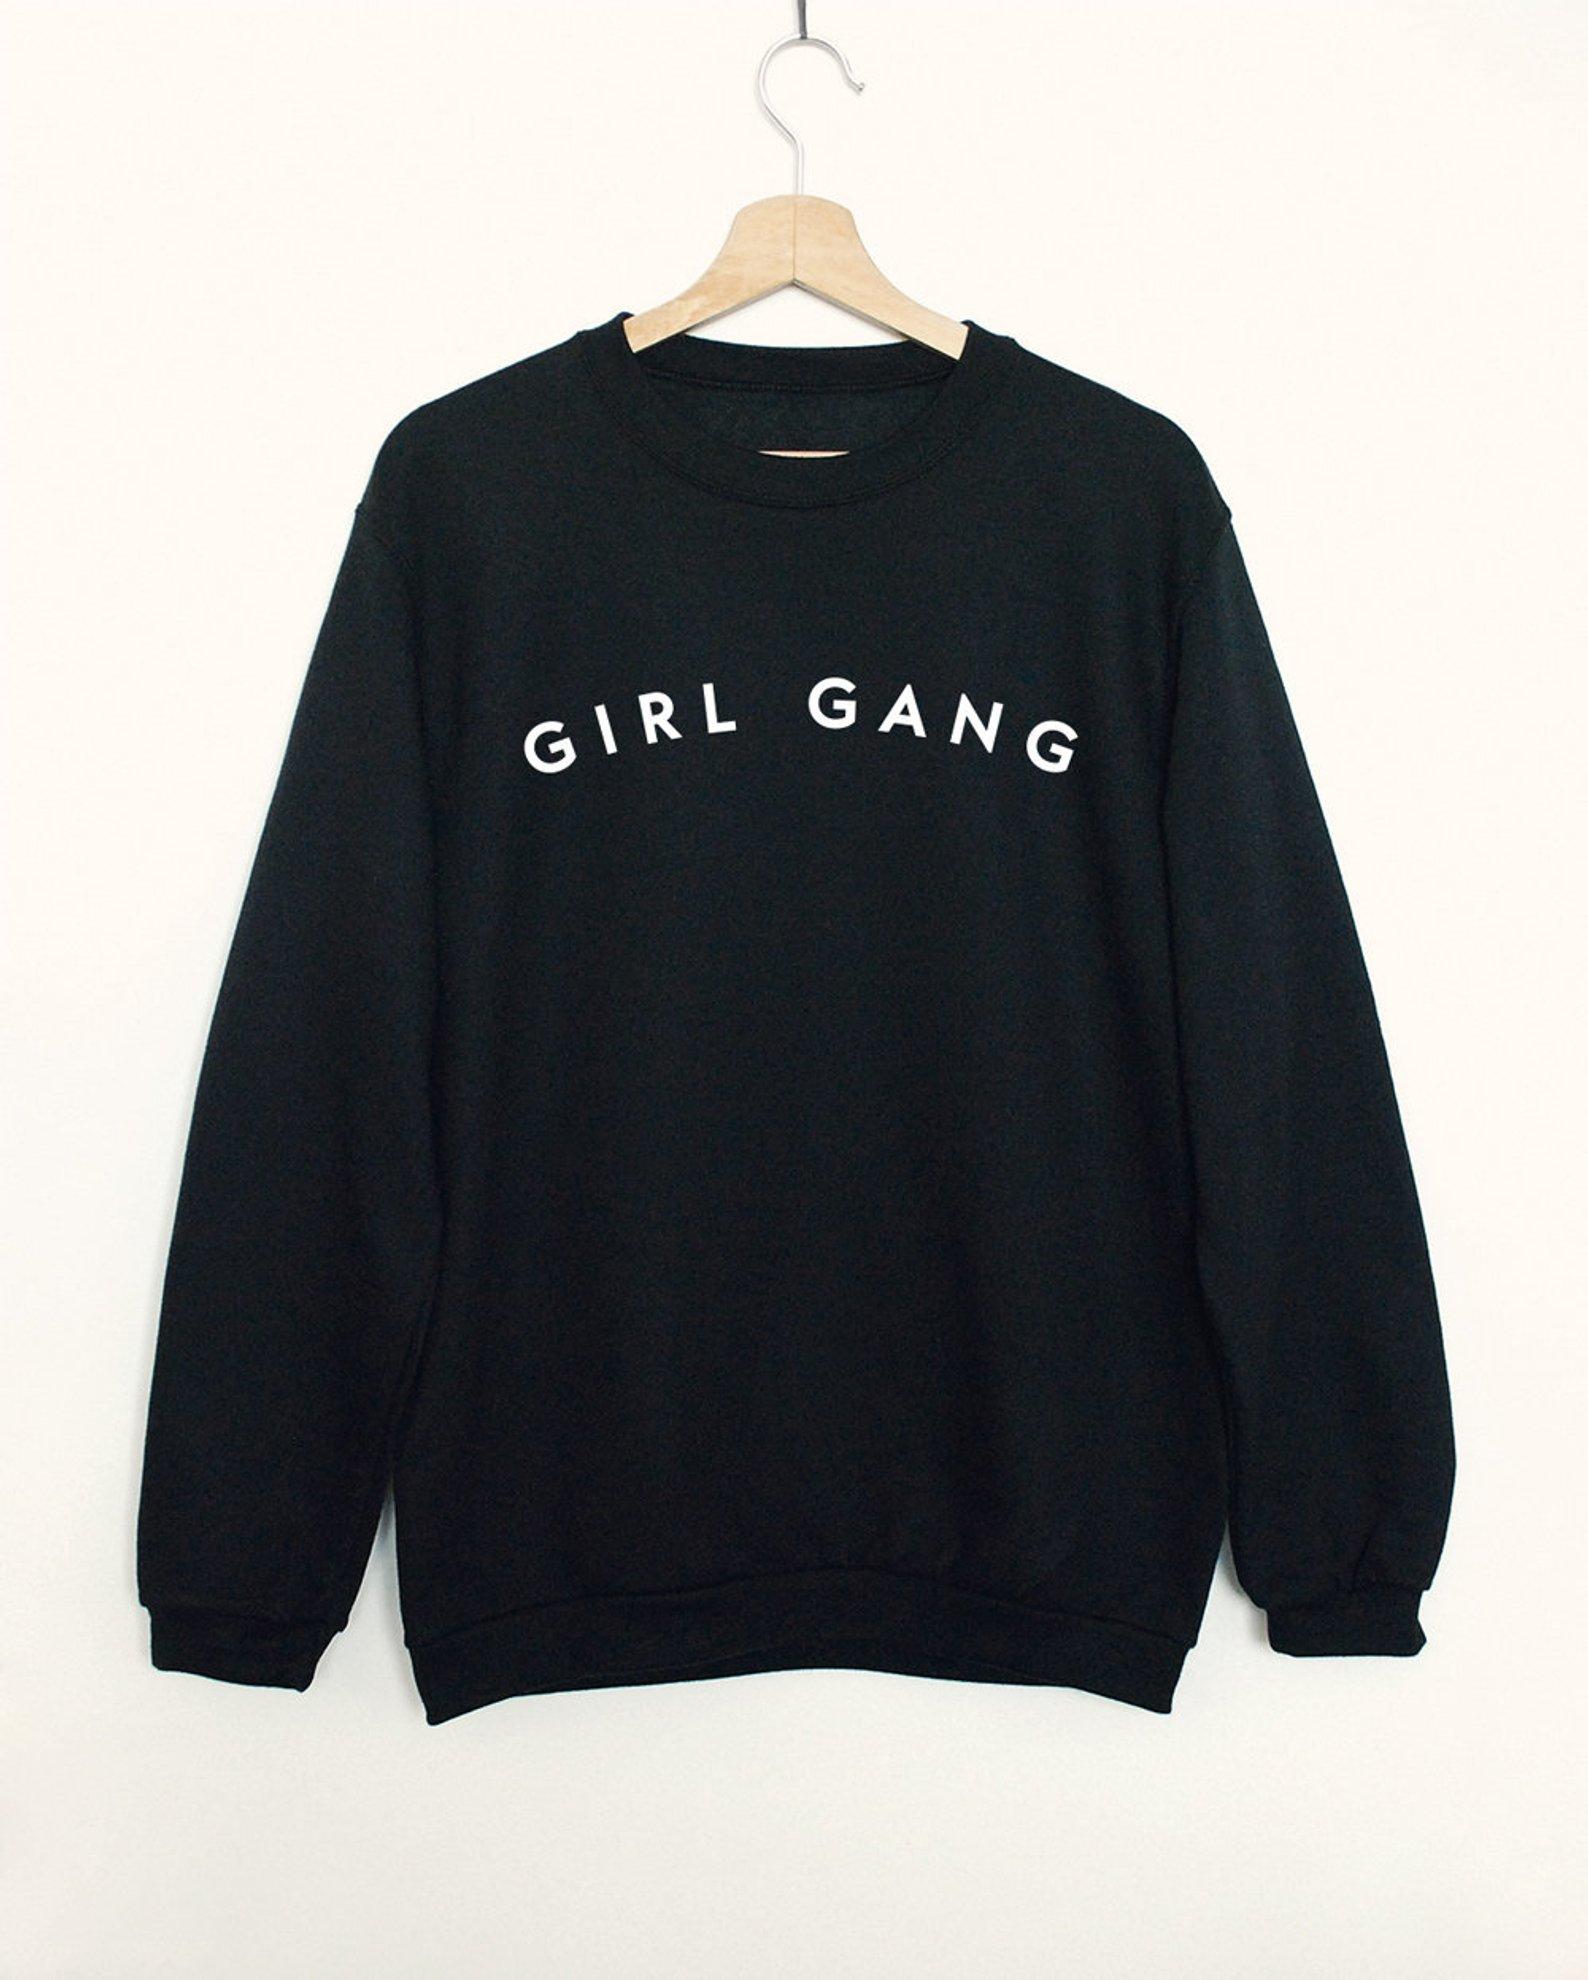 Girl Gang Sweatshirt By SuperPrintShop